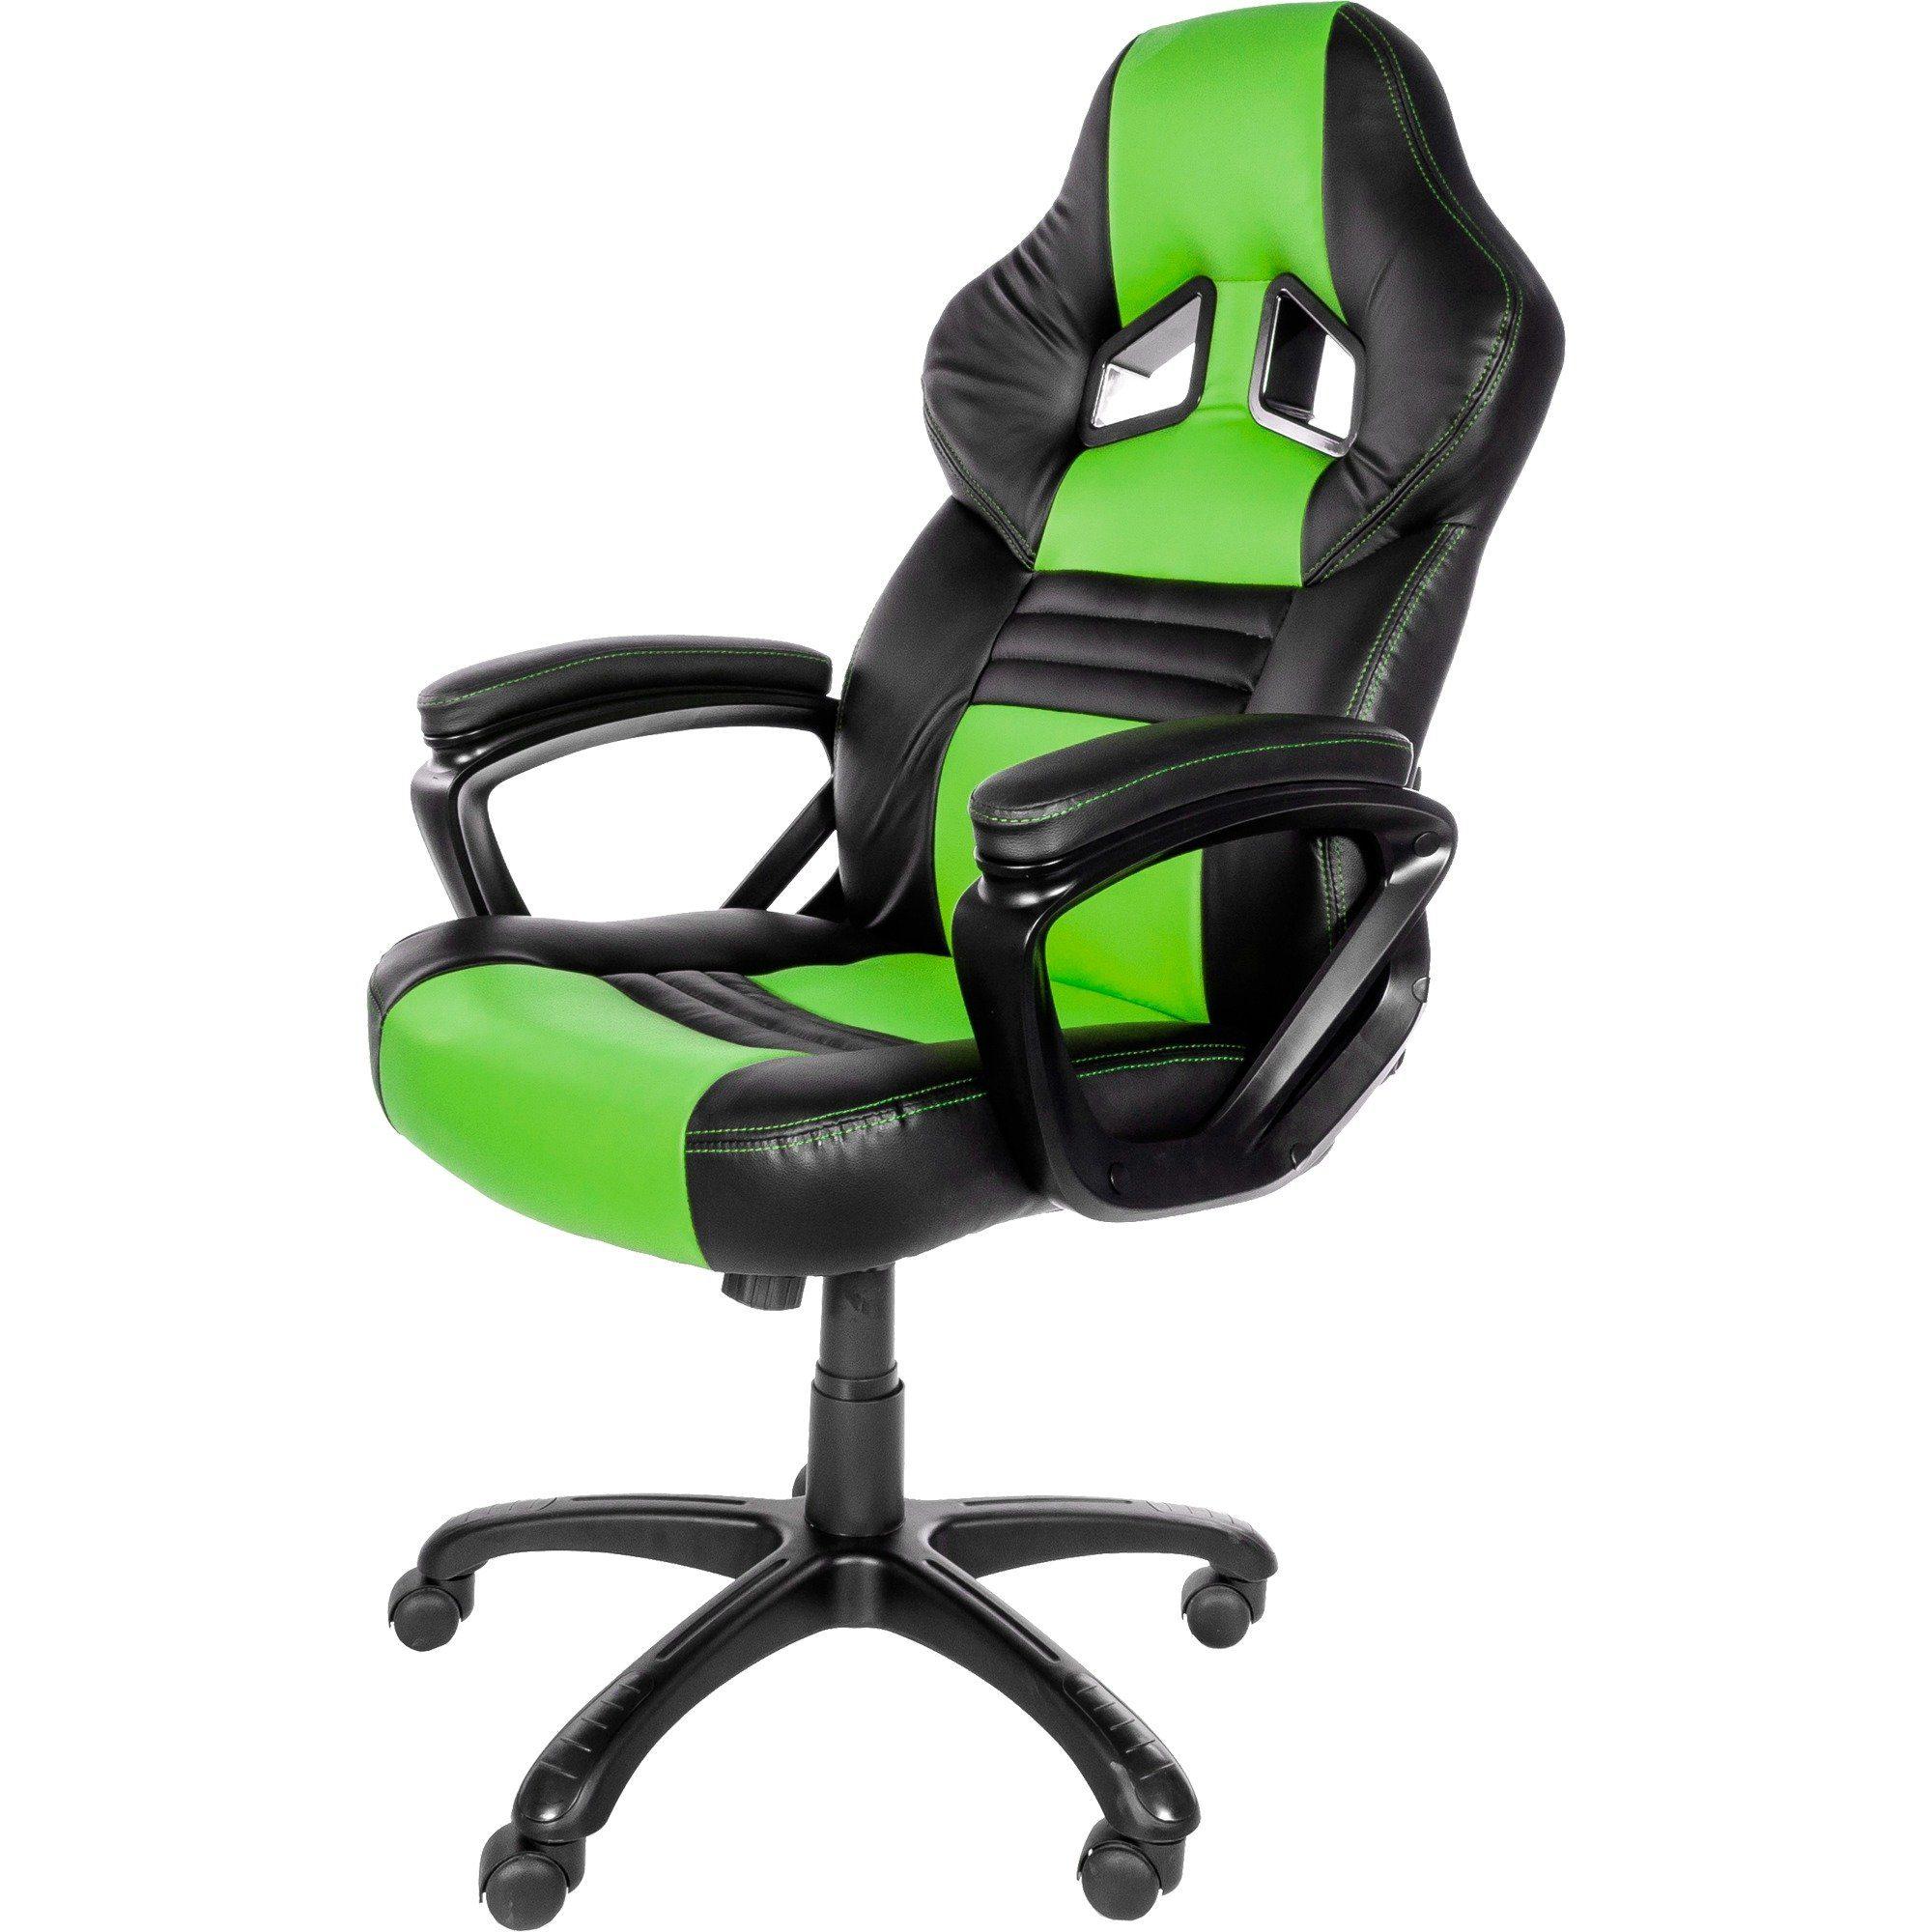 Arozzi Spielsitz »Monza Gaming Chair«